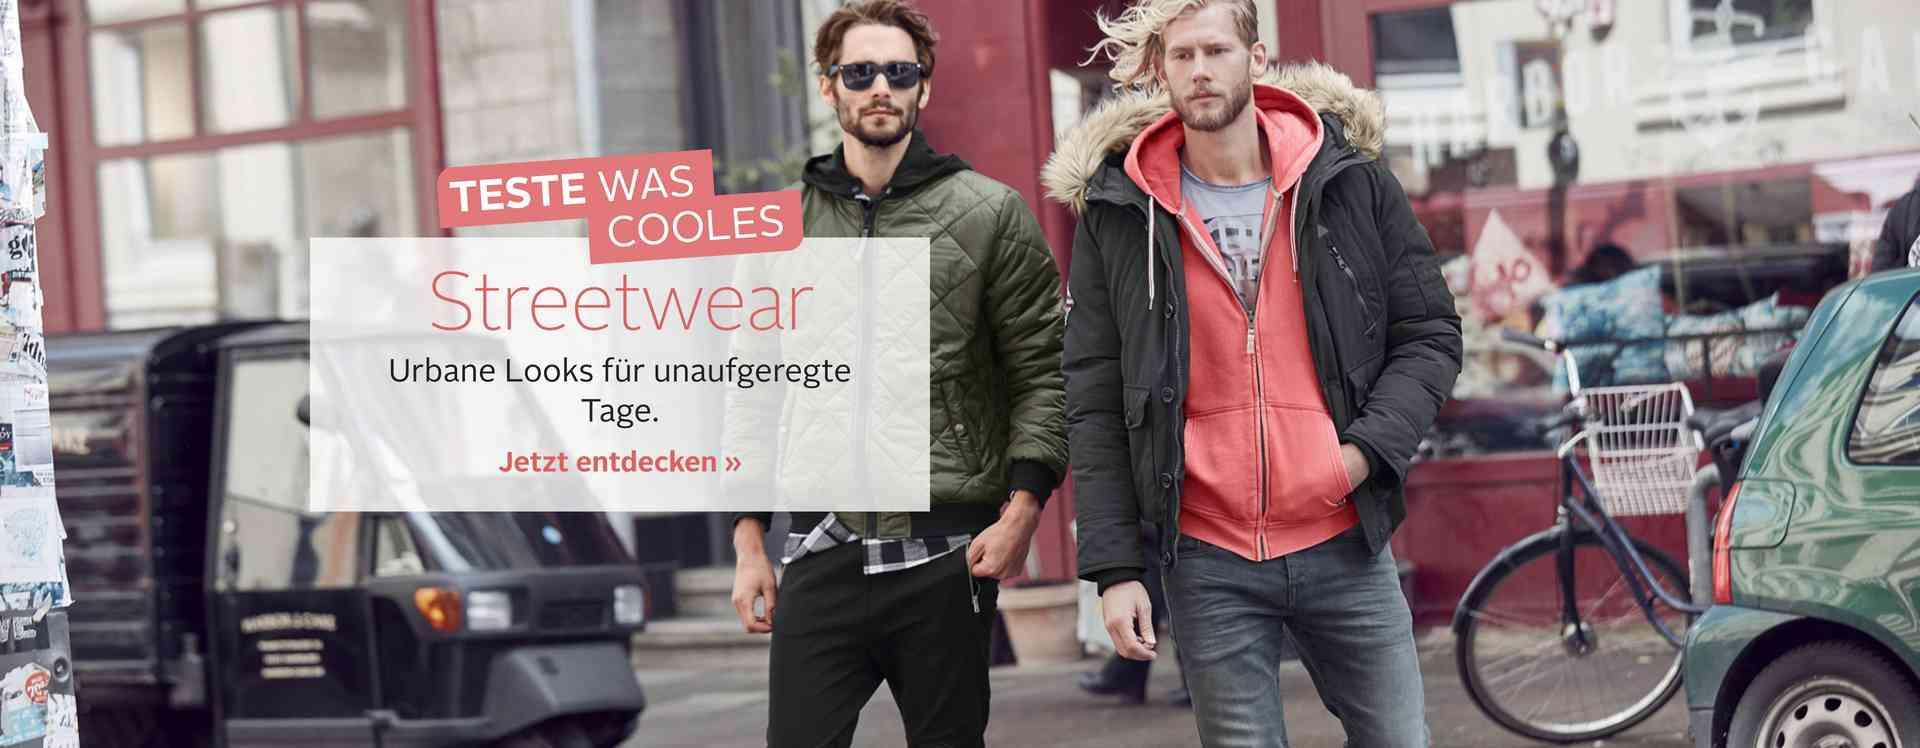 lässige und coole Streetwear- jetzt entdecken!